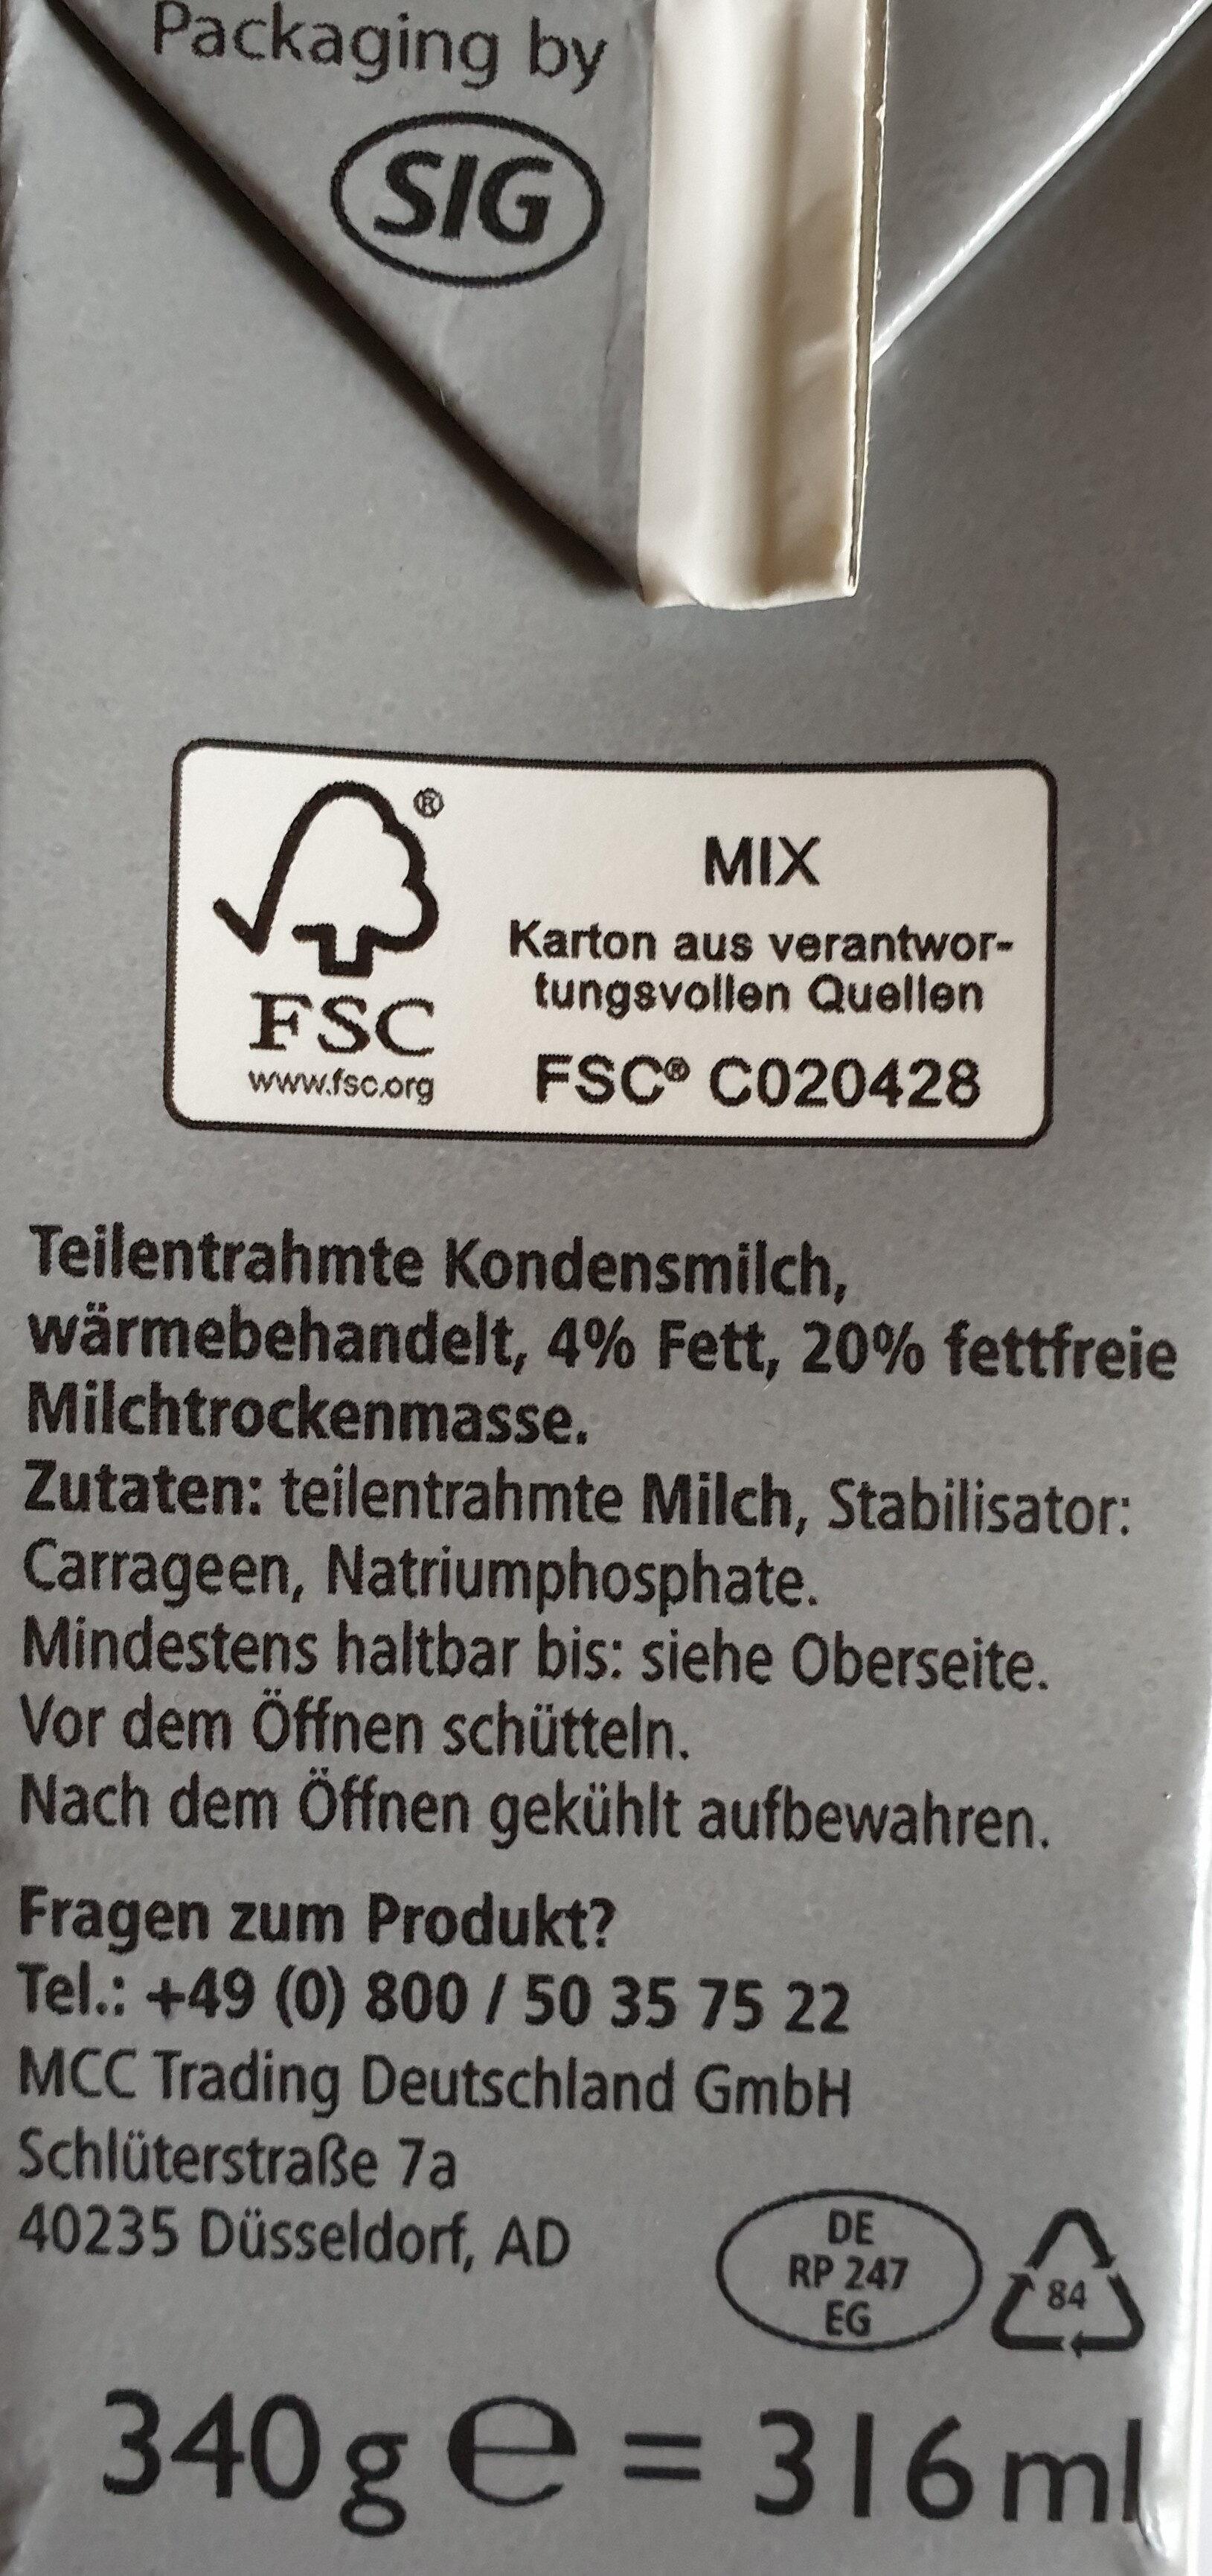 Kondensmilch - Zutaten - de